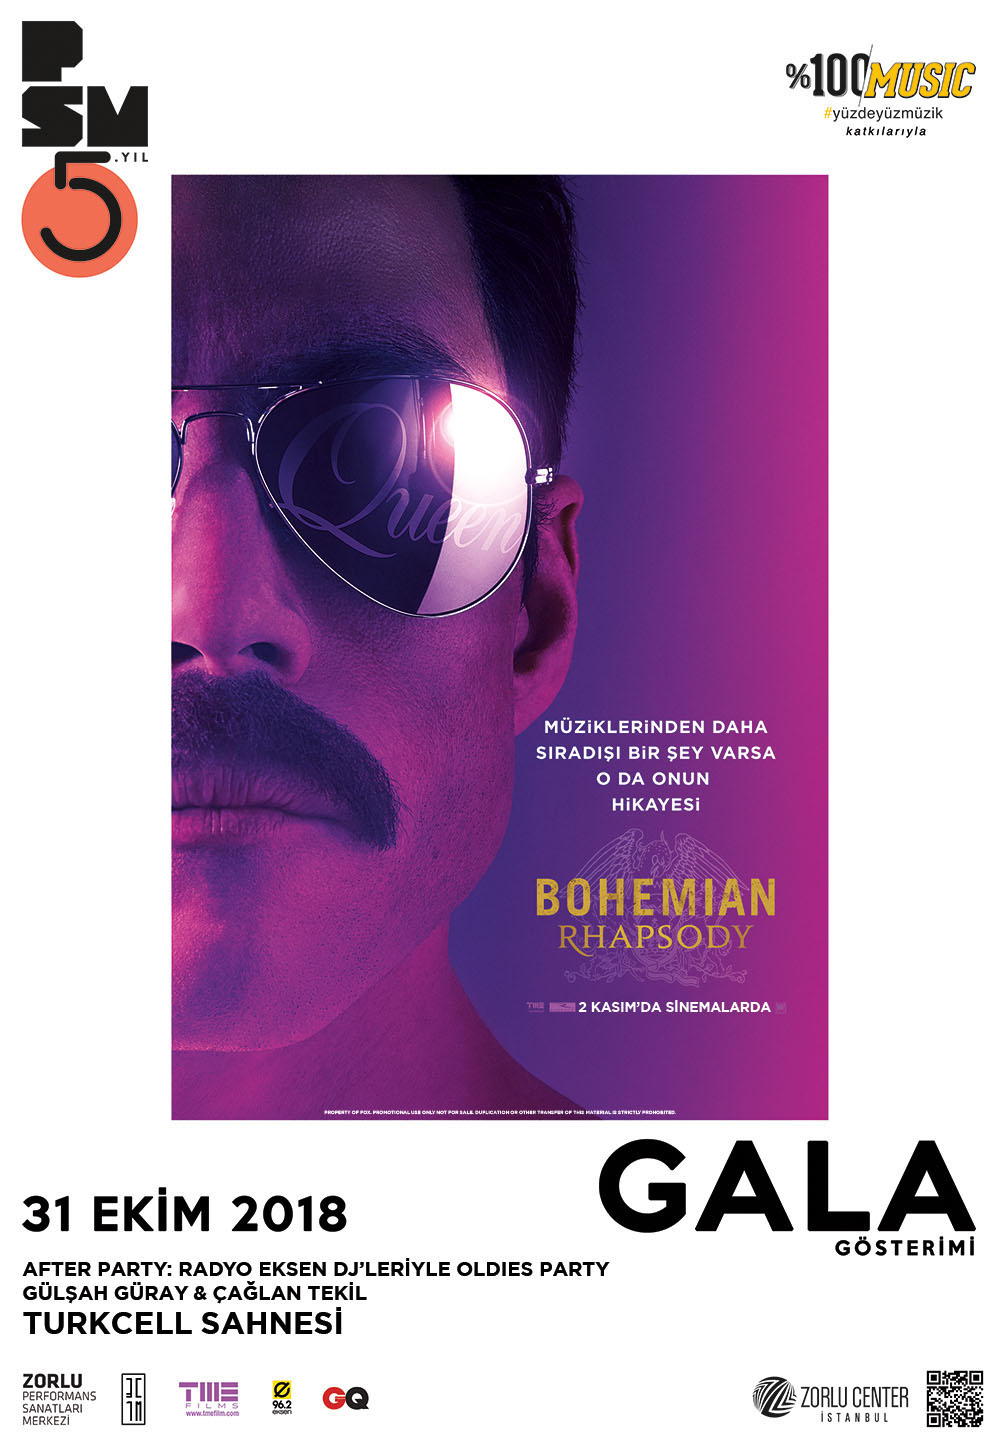 Bohemian Rhapsody gala gösterimi Zorlu PSMde gerçekleşti 1